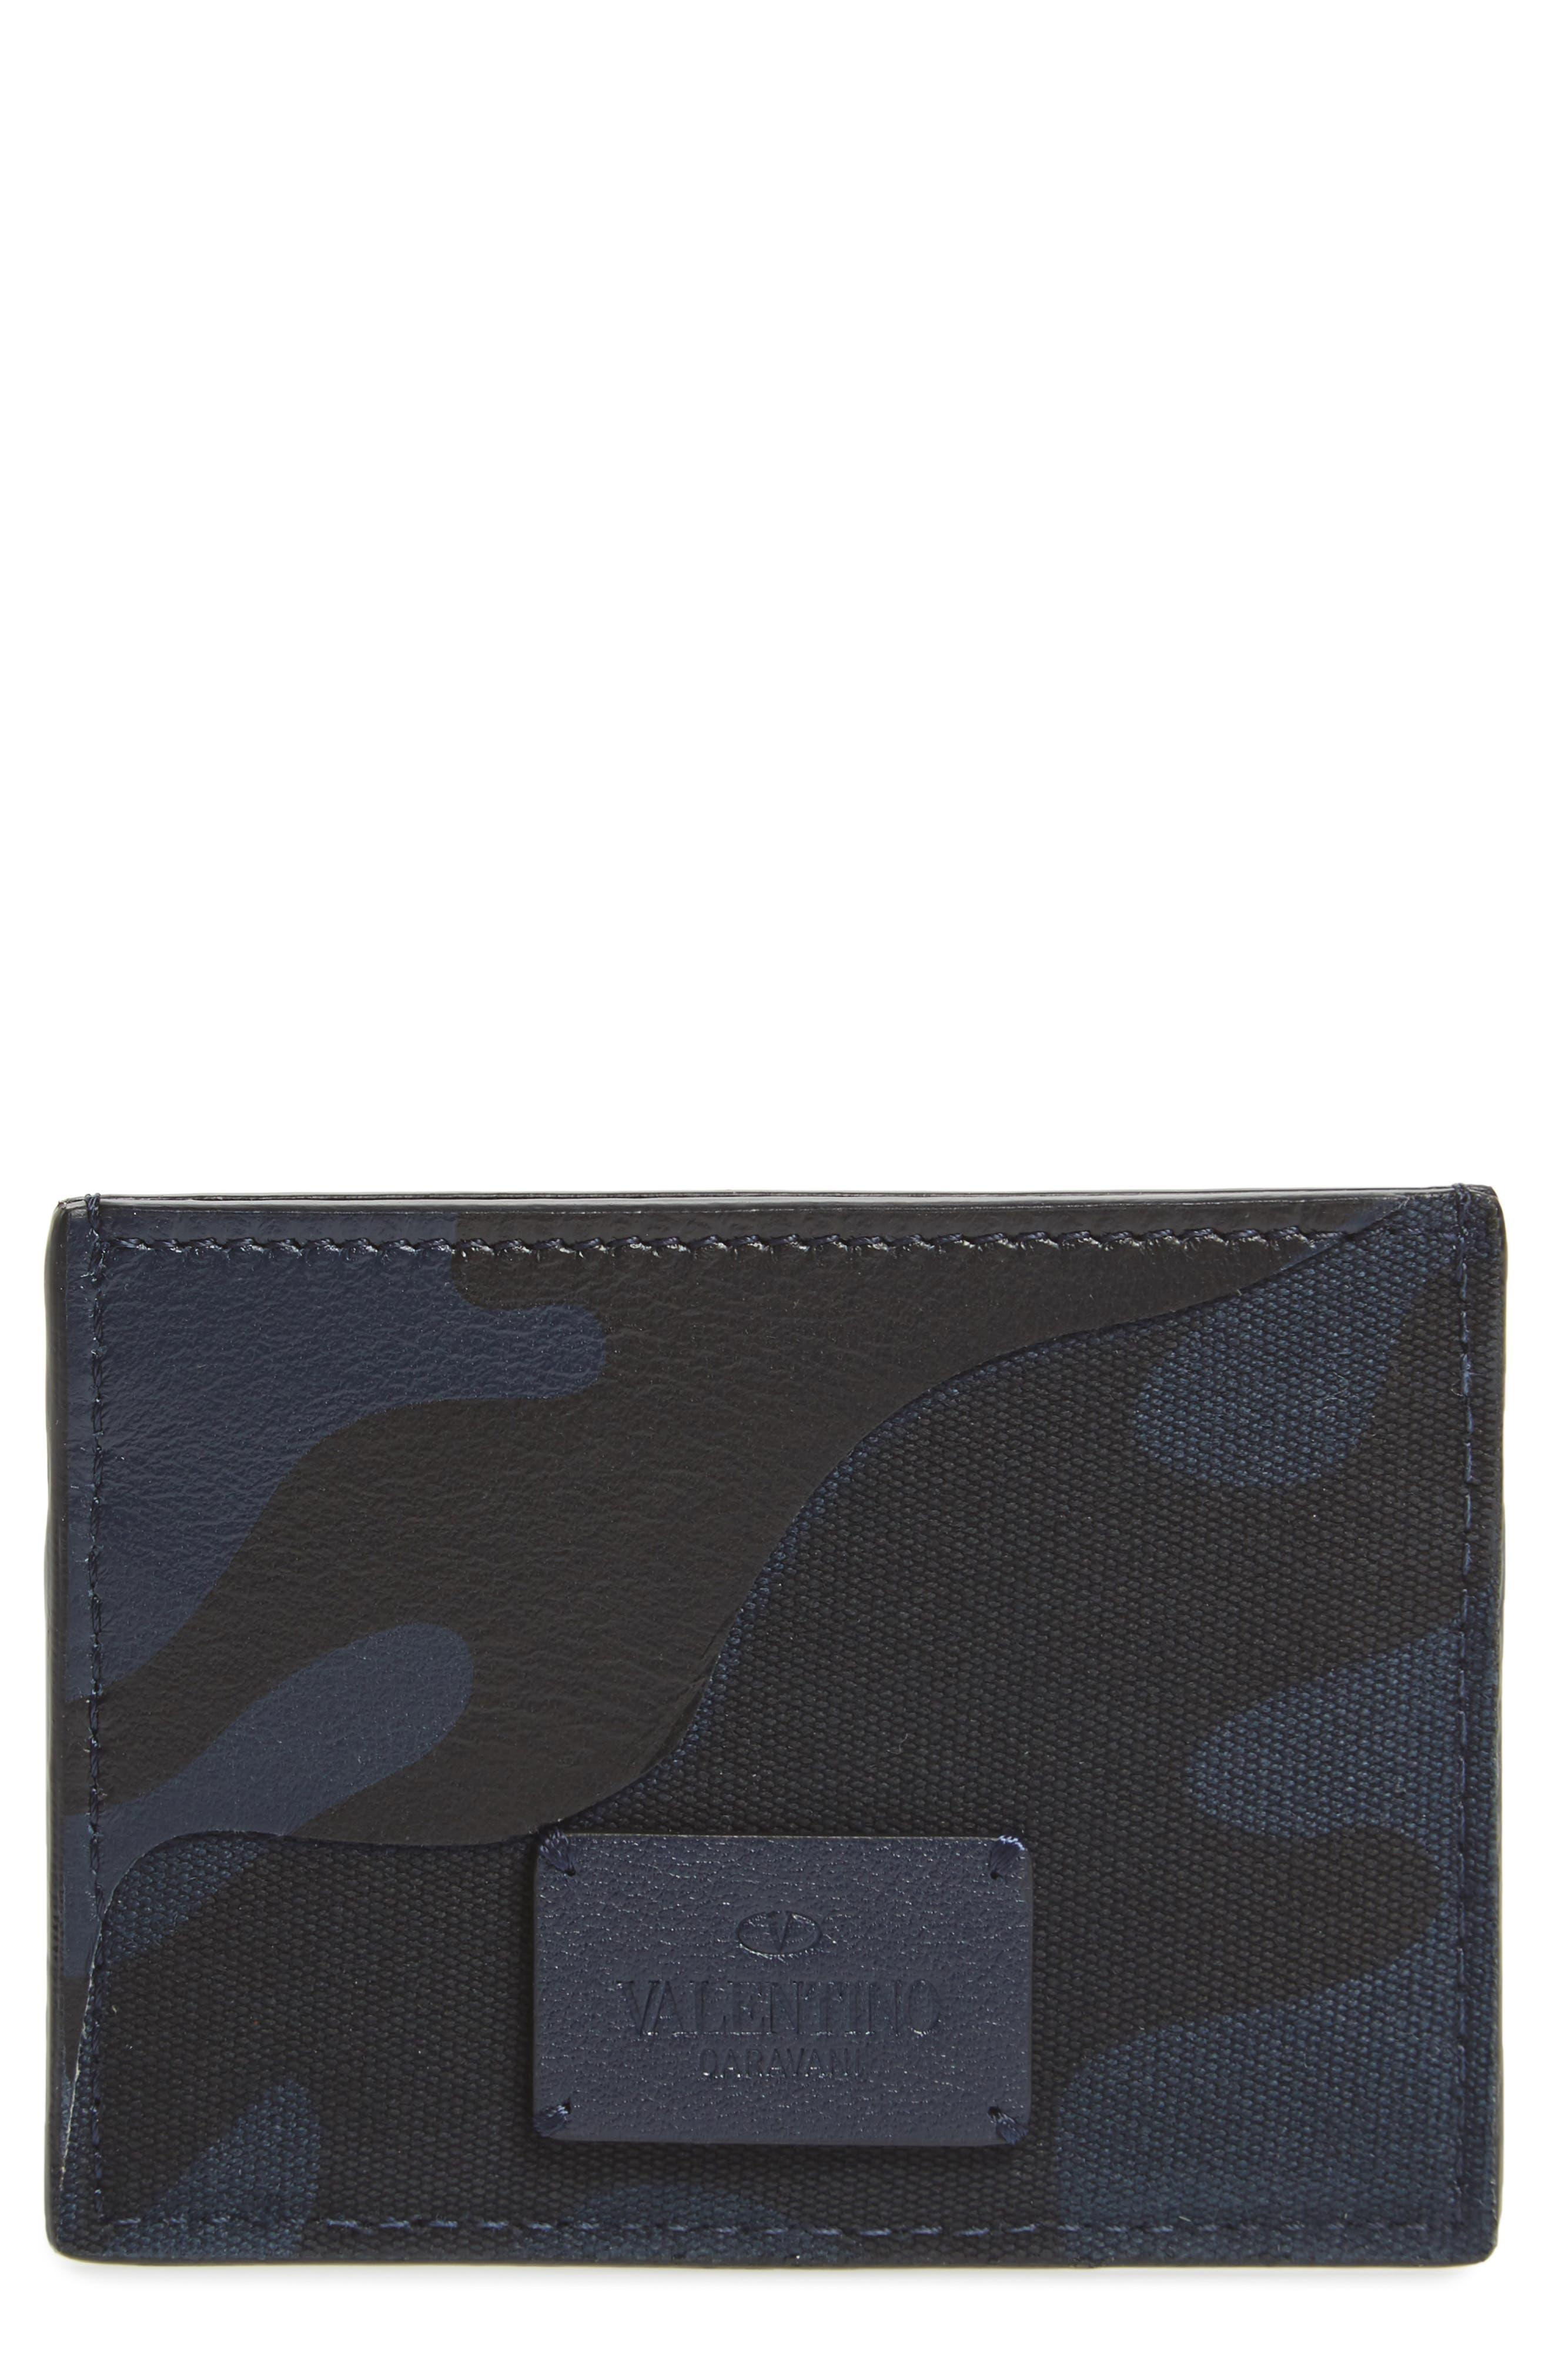 VALENTINO GARAVANI Camo Nylon & Leather Card Case